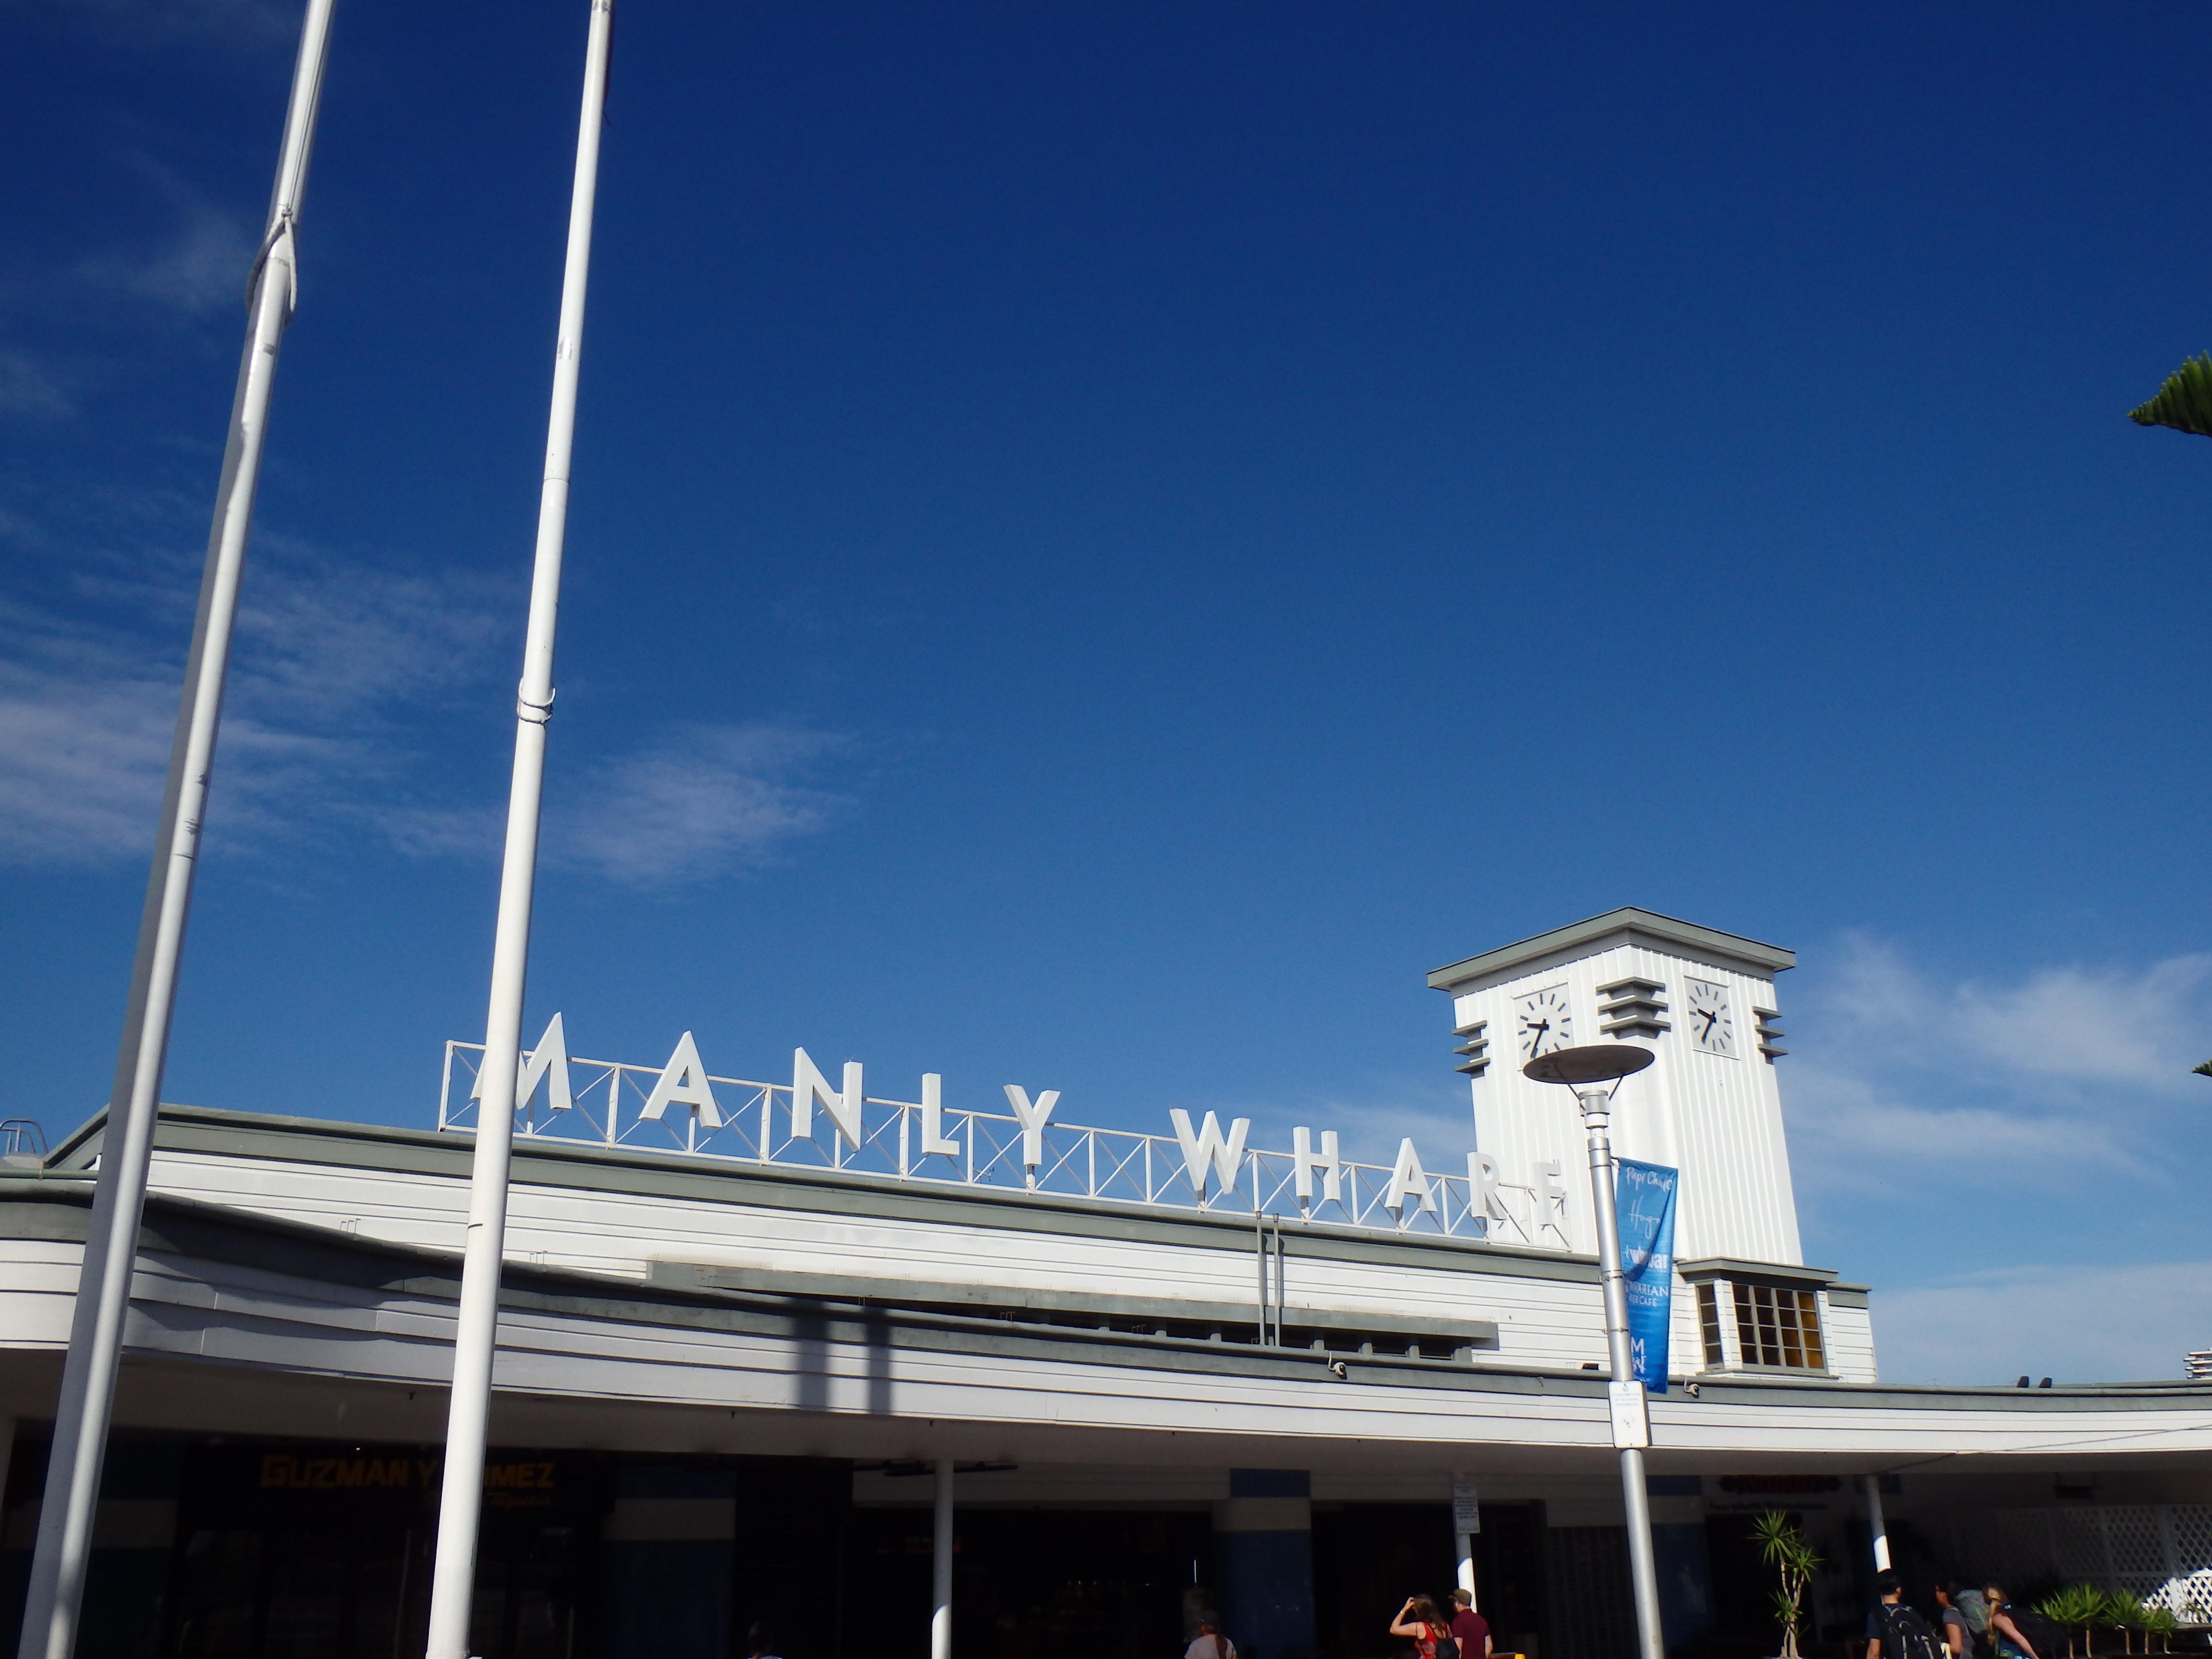 Manly Wharf, eerste zicht bij aankomst met ferry